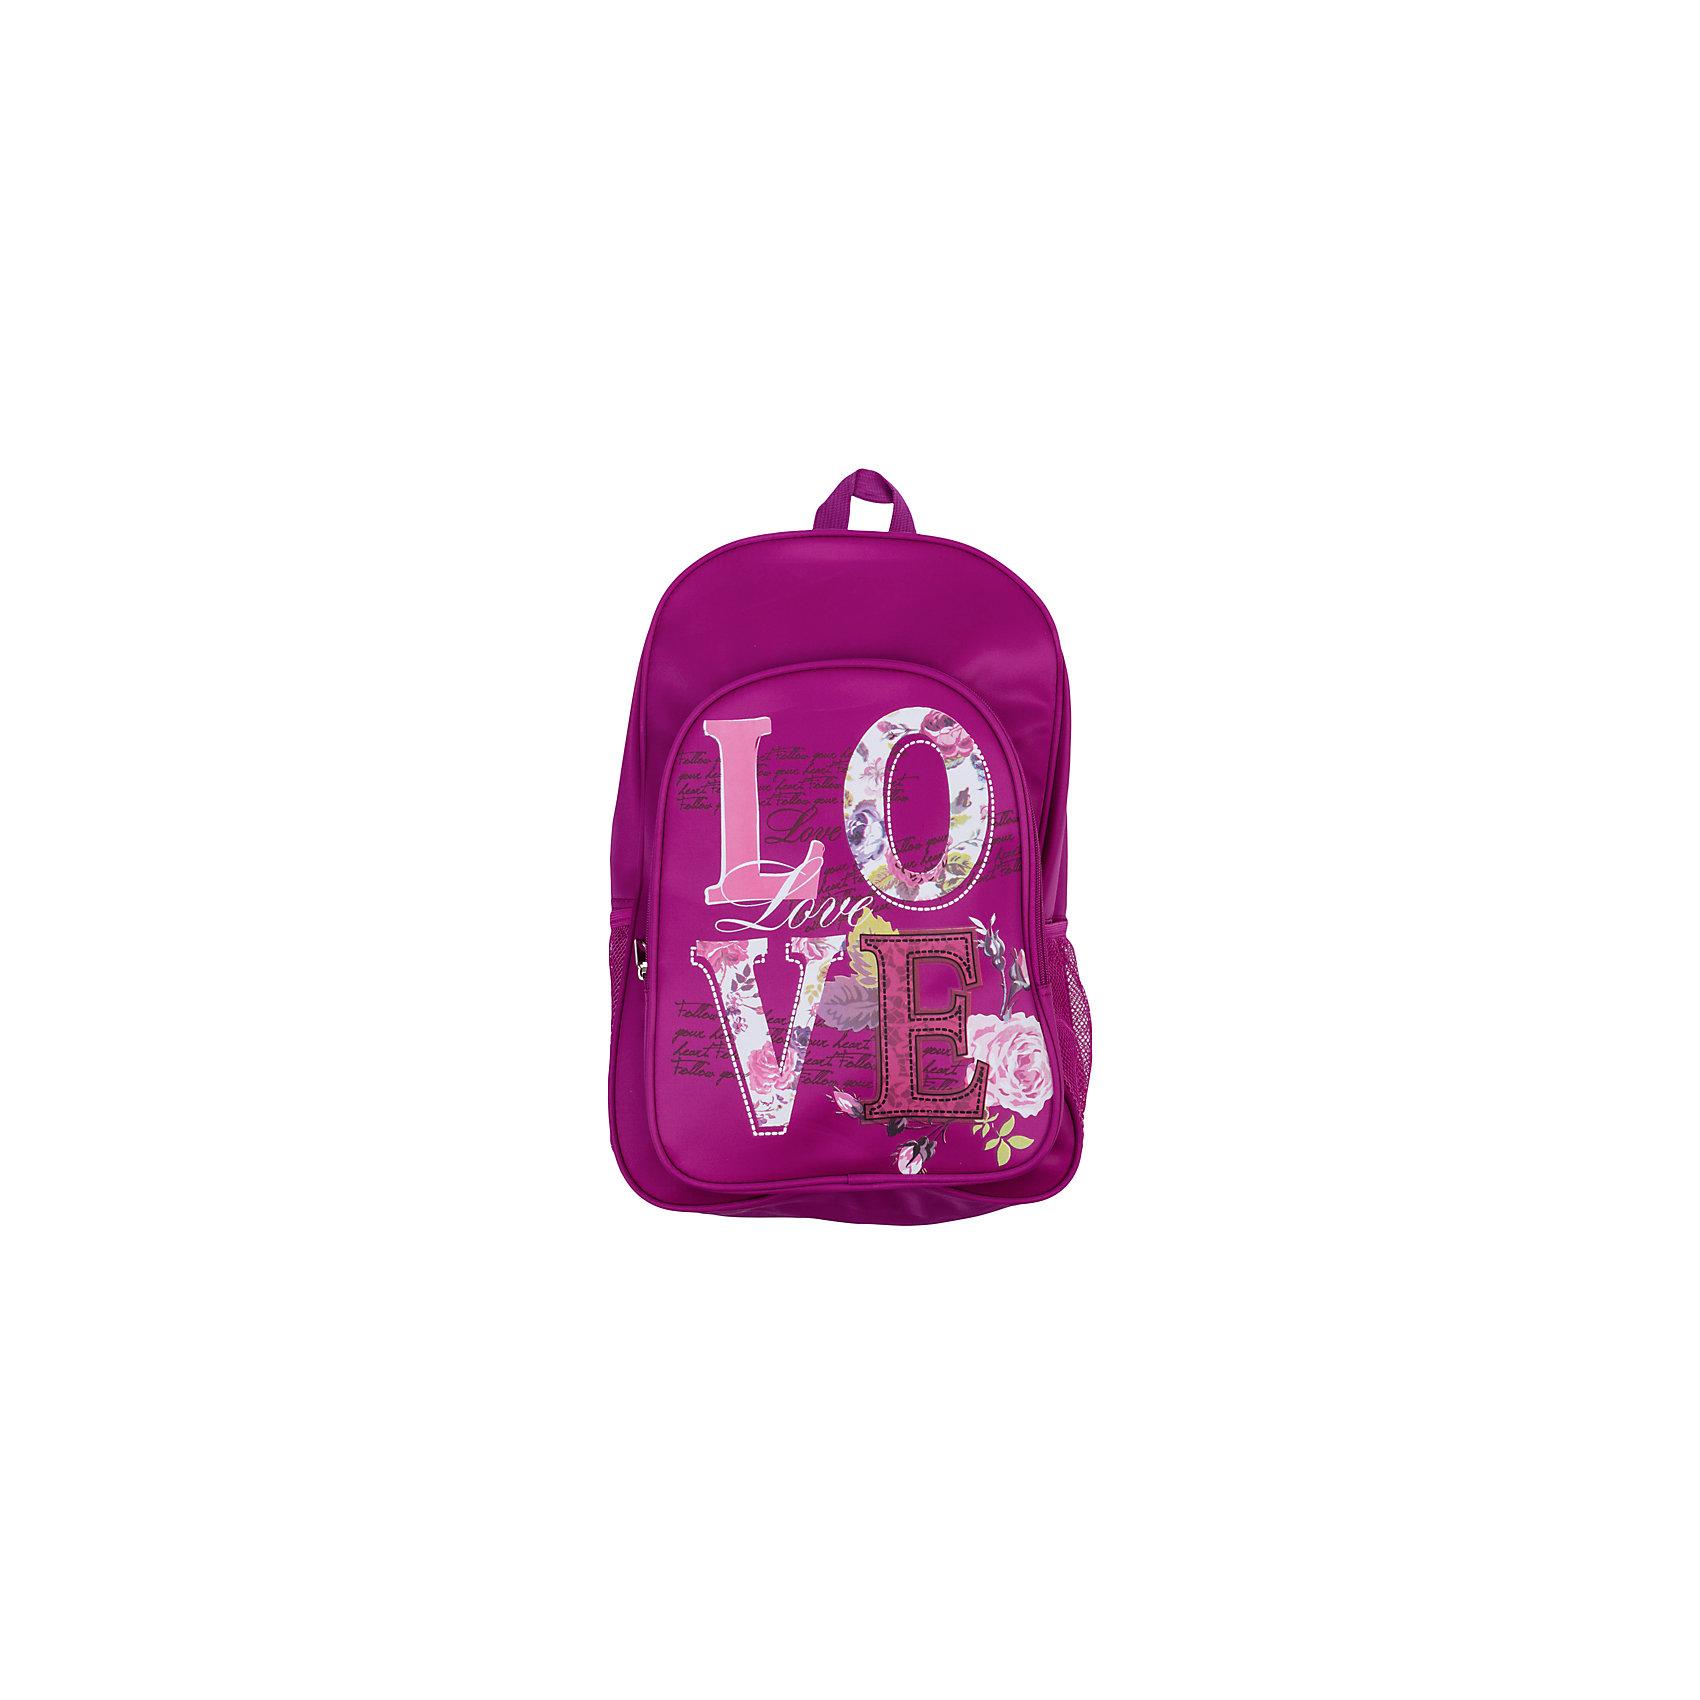 Сумка для девочки PlayTodayСумка для девочки от известного бренда PlayToday.<br>Стильный рюкзак для девочки. Верх утягивается шнурком. Украшен стильной надписью.<br>Состав:<br>Верх: 100% полиэстер, подкладка: 100% полиэстер<br><br>Ширина мм: 227<br>Глубина мм: 11<br>Высота мм: 226<br>Вес г: 350<br>Цвет: розовый<br>Возраст от месяцев: 36<br>Возраст до месяцев: 144<br>Пол: Женский<br>Возраст: Детский<br>Размер: one size<br>SKU: 4897942